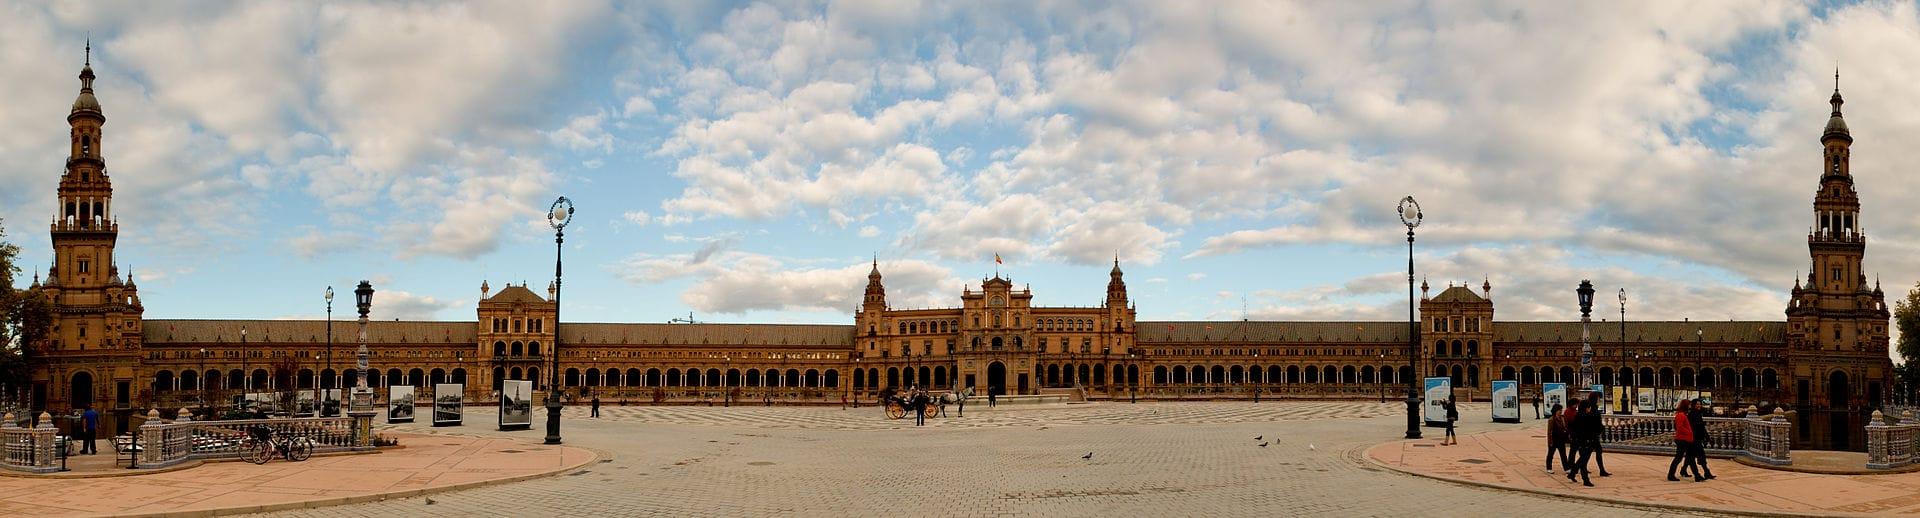 Plaza_de_España_-_Sevilla.jpeg.jpeg